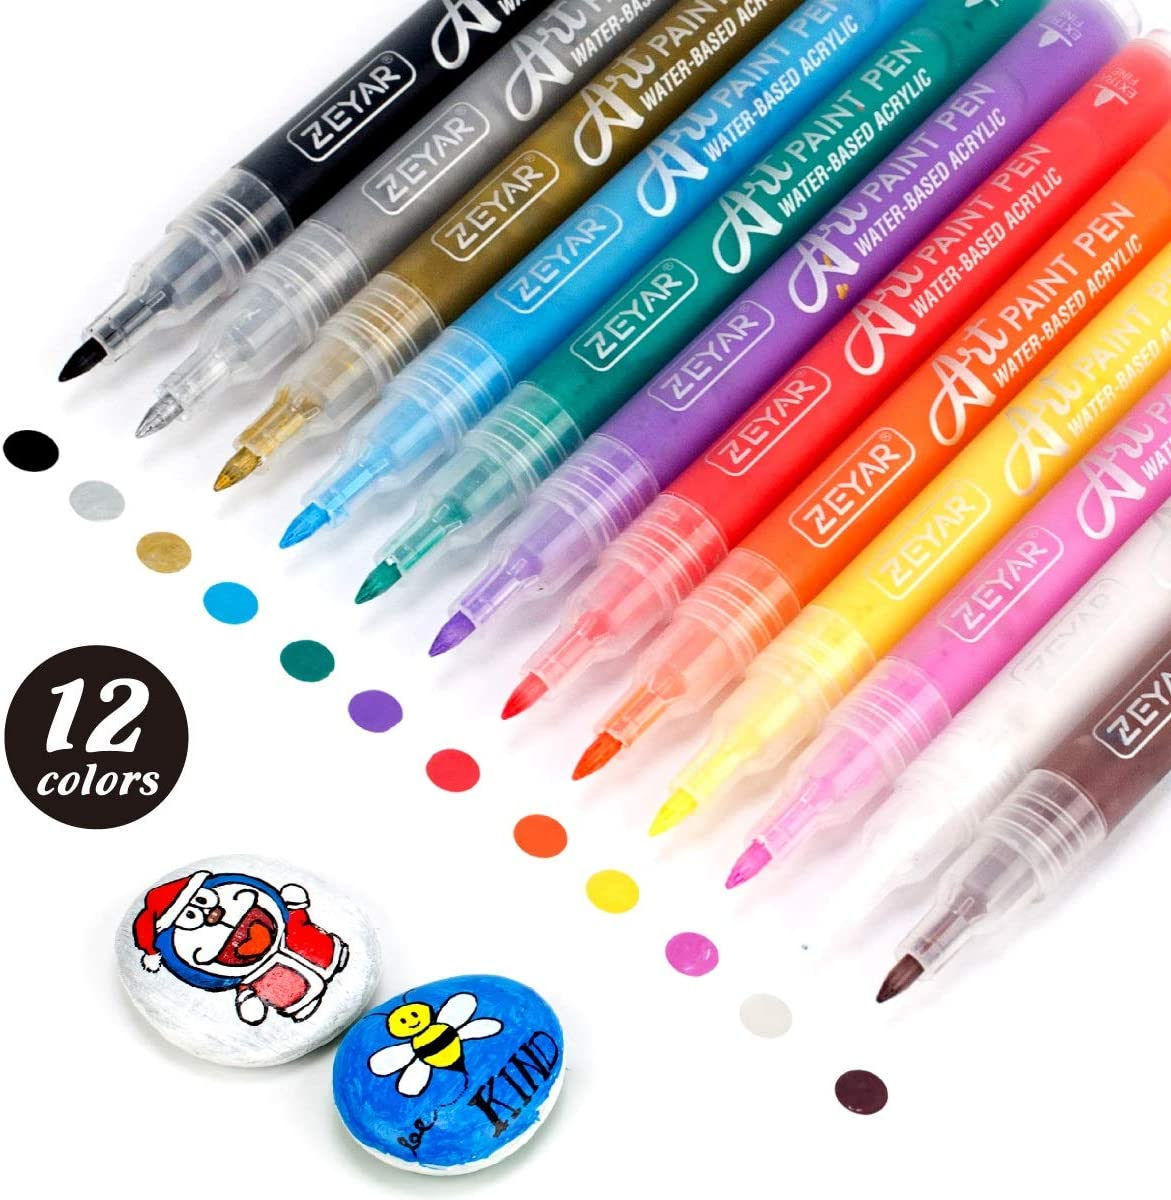 Bolígrafos de pintura acrílica ZEYAR punta extra fina, 12un